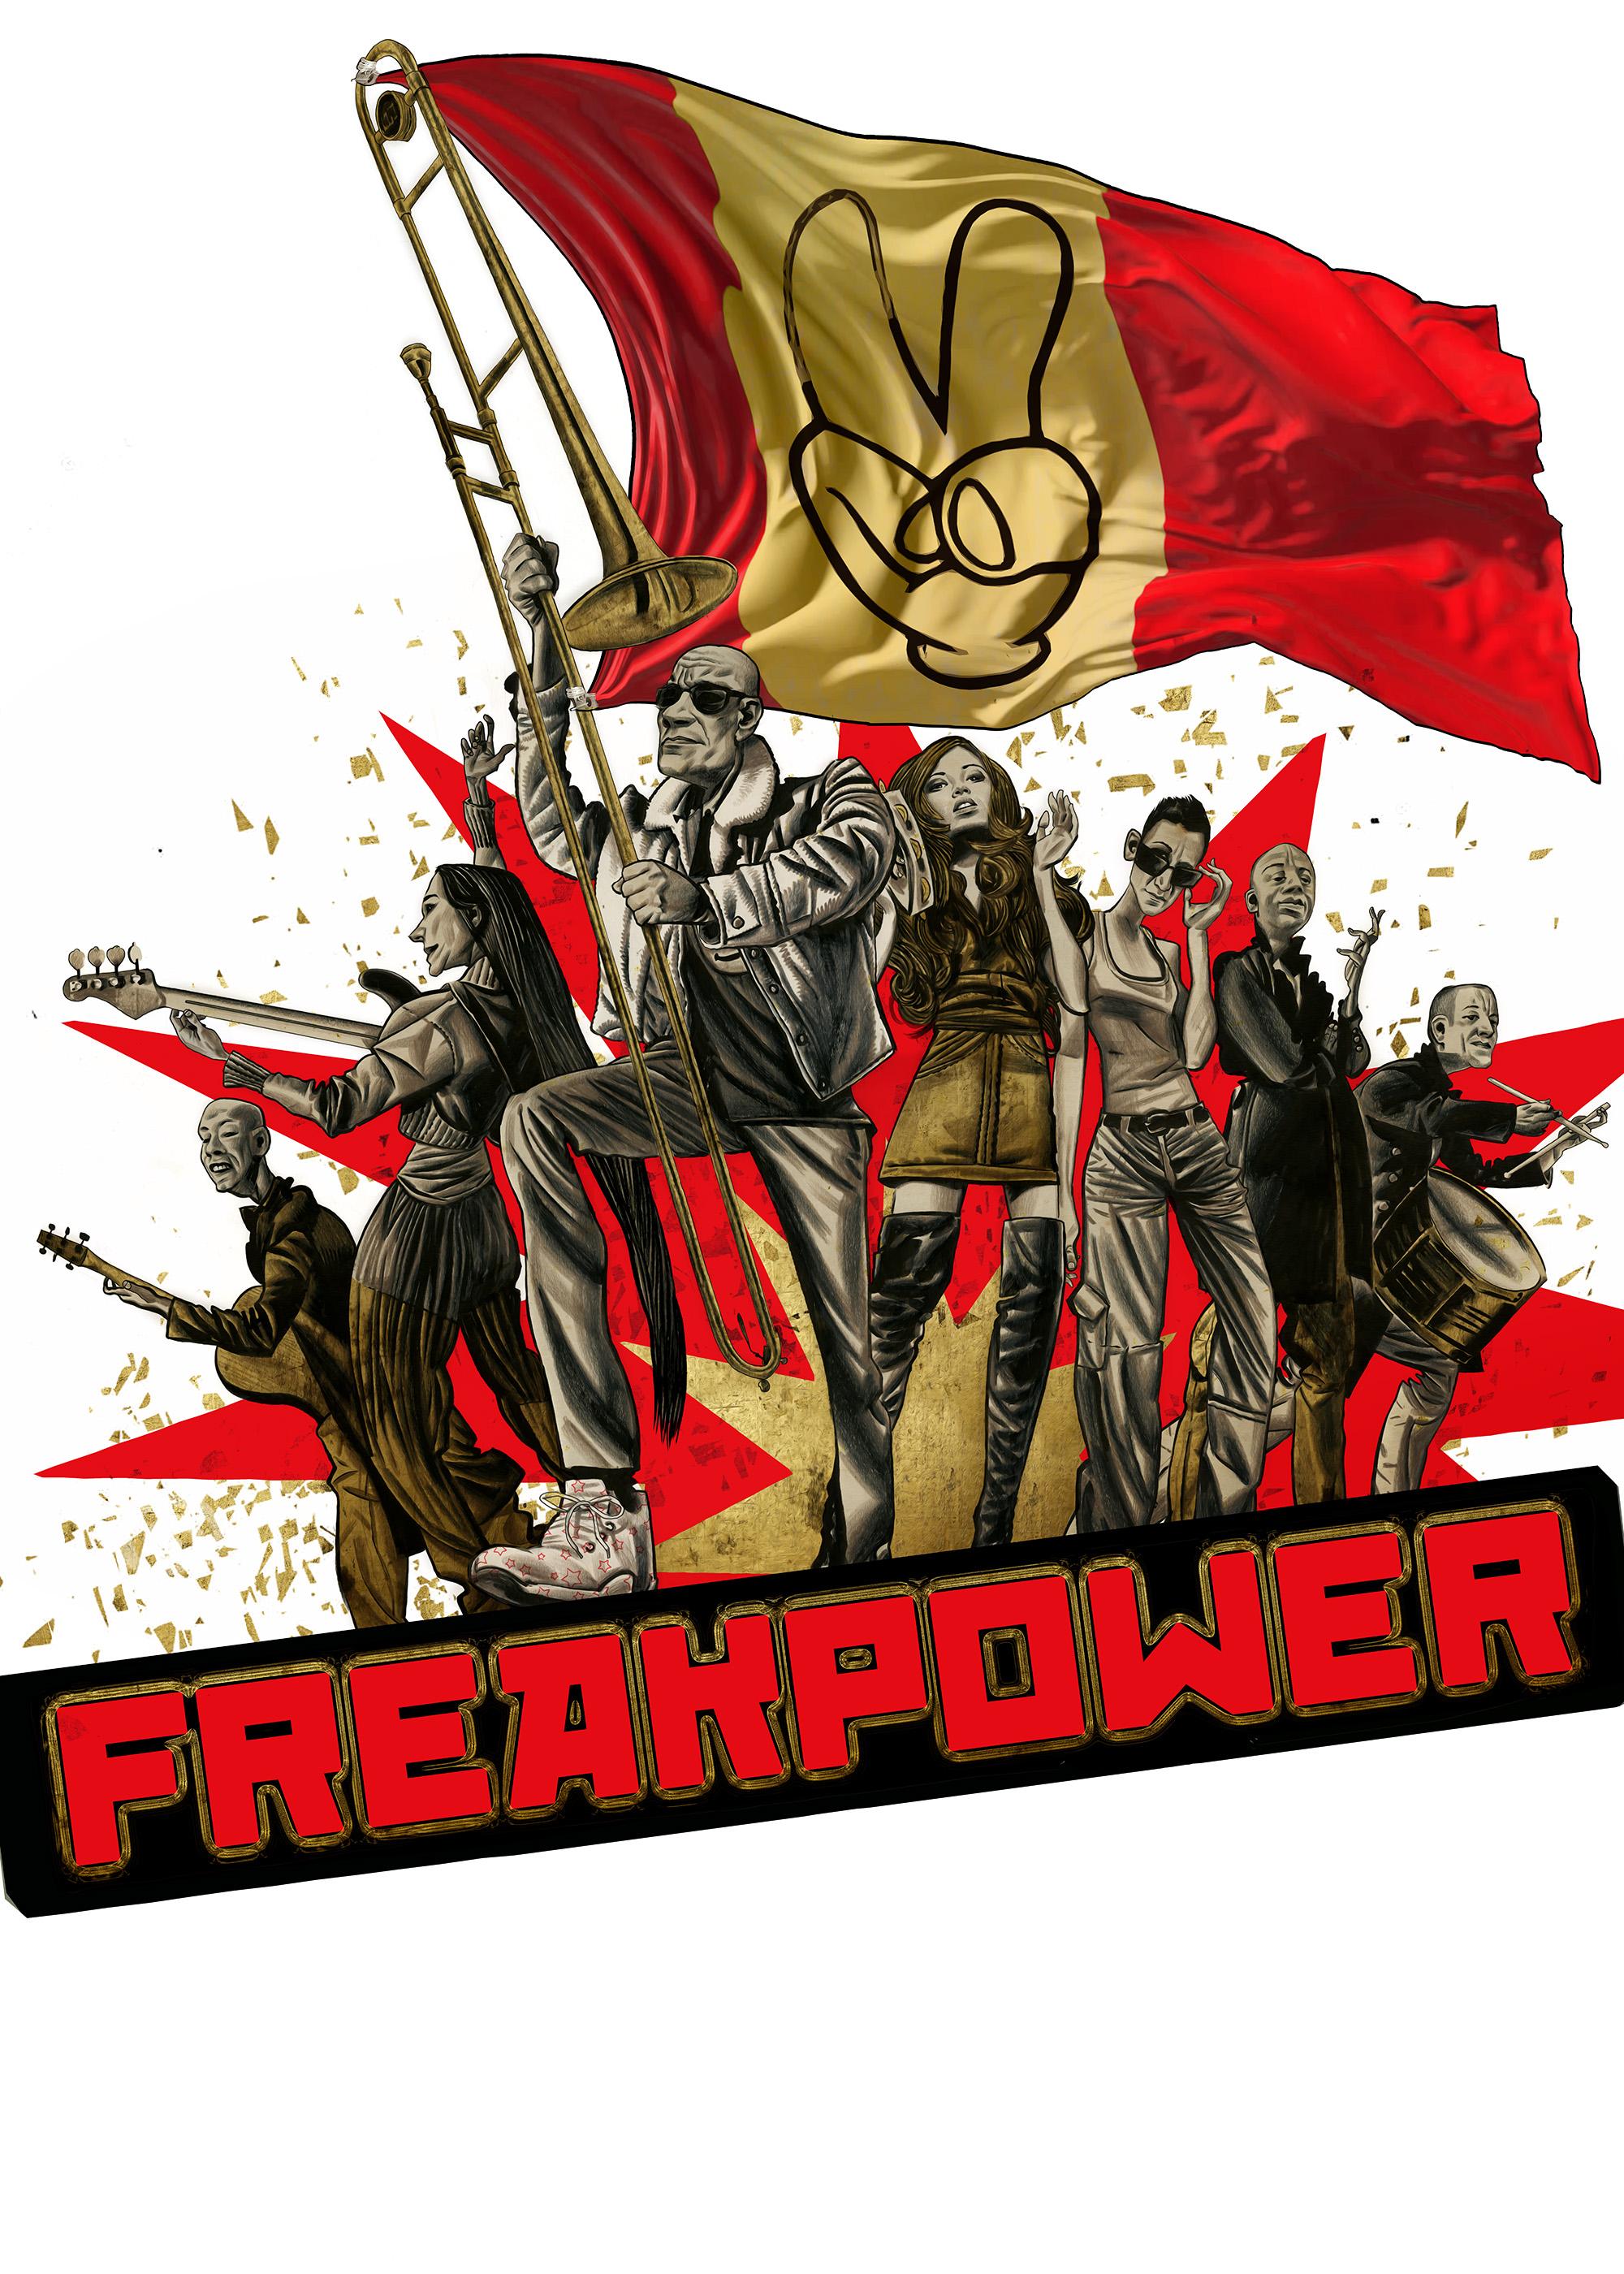 Freak Power at The Underdog, Crucifix Lane. SE1 3JW